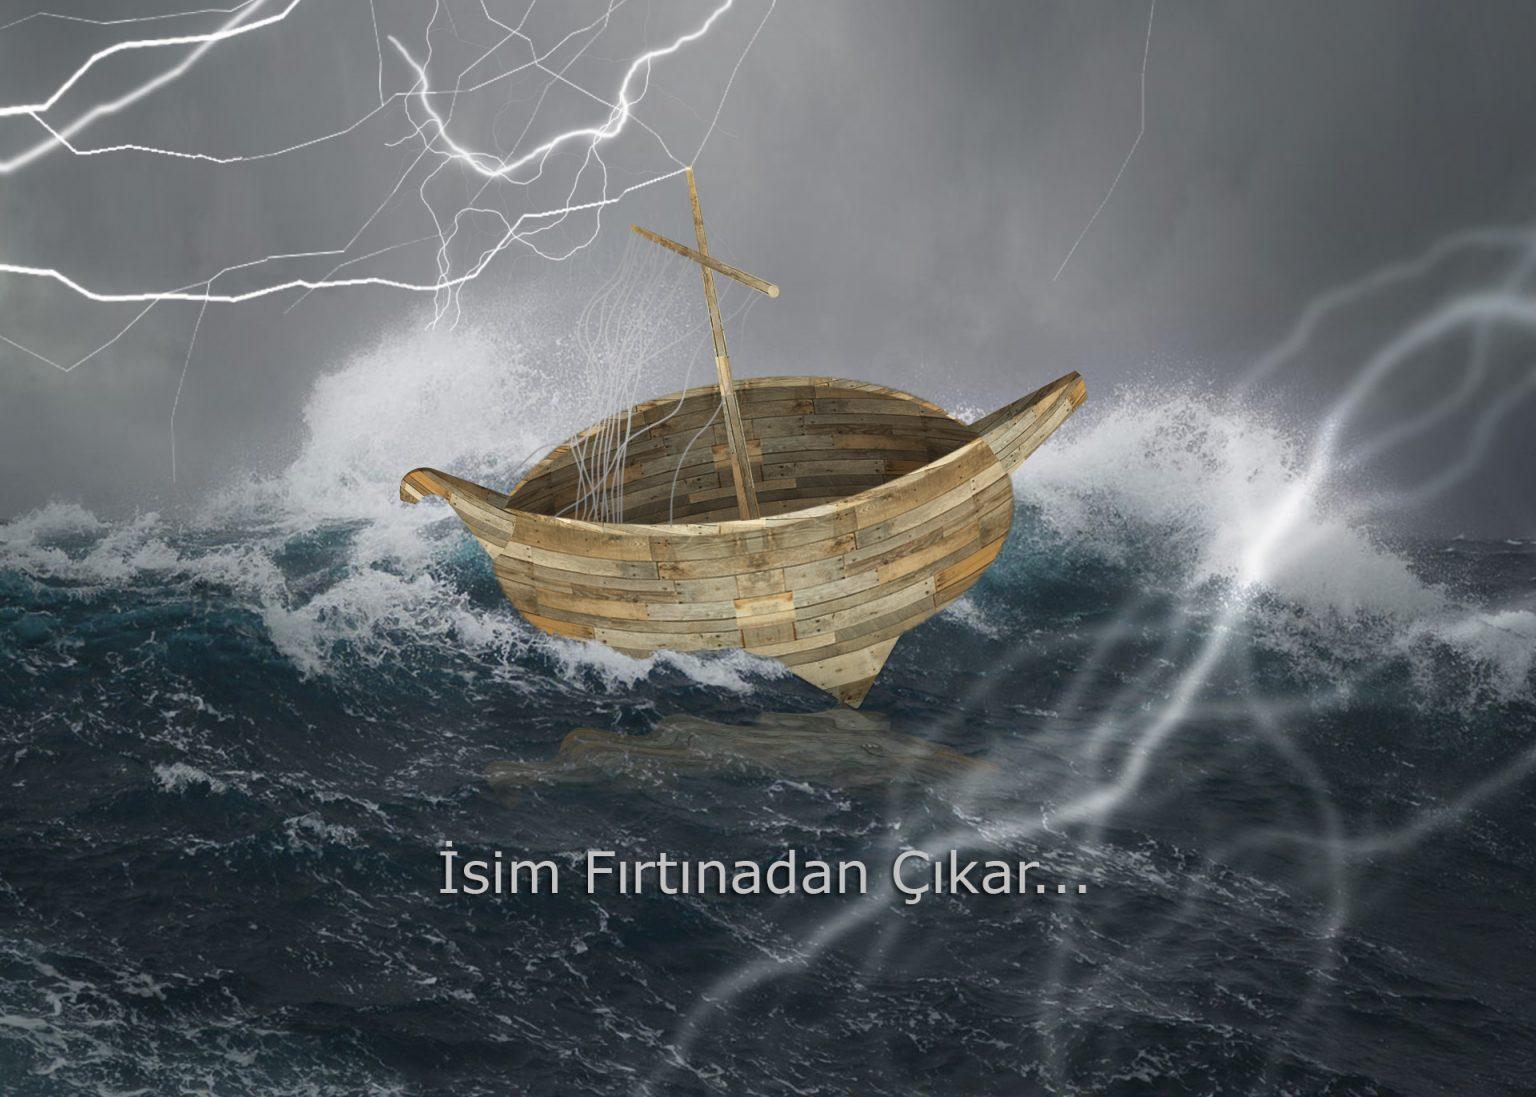 İsim Fırtınadan Çıkar Fikir hunisi